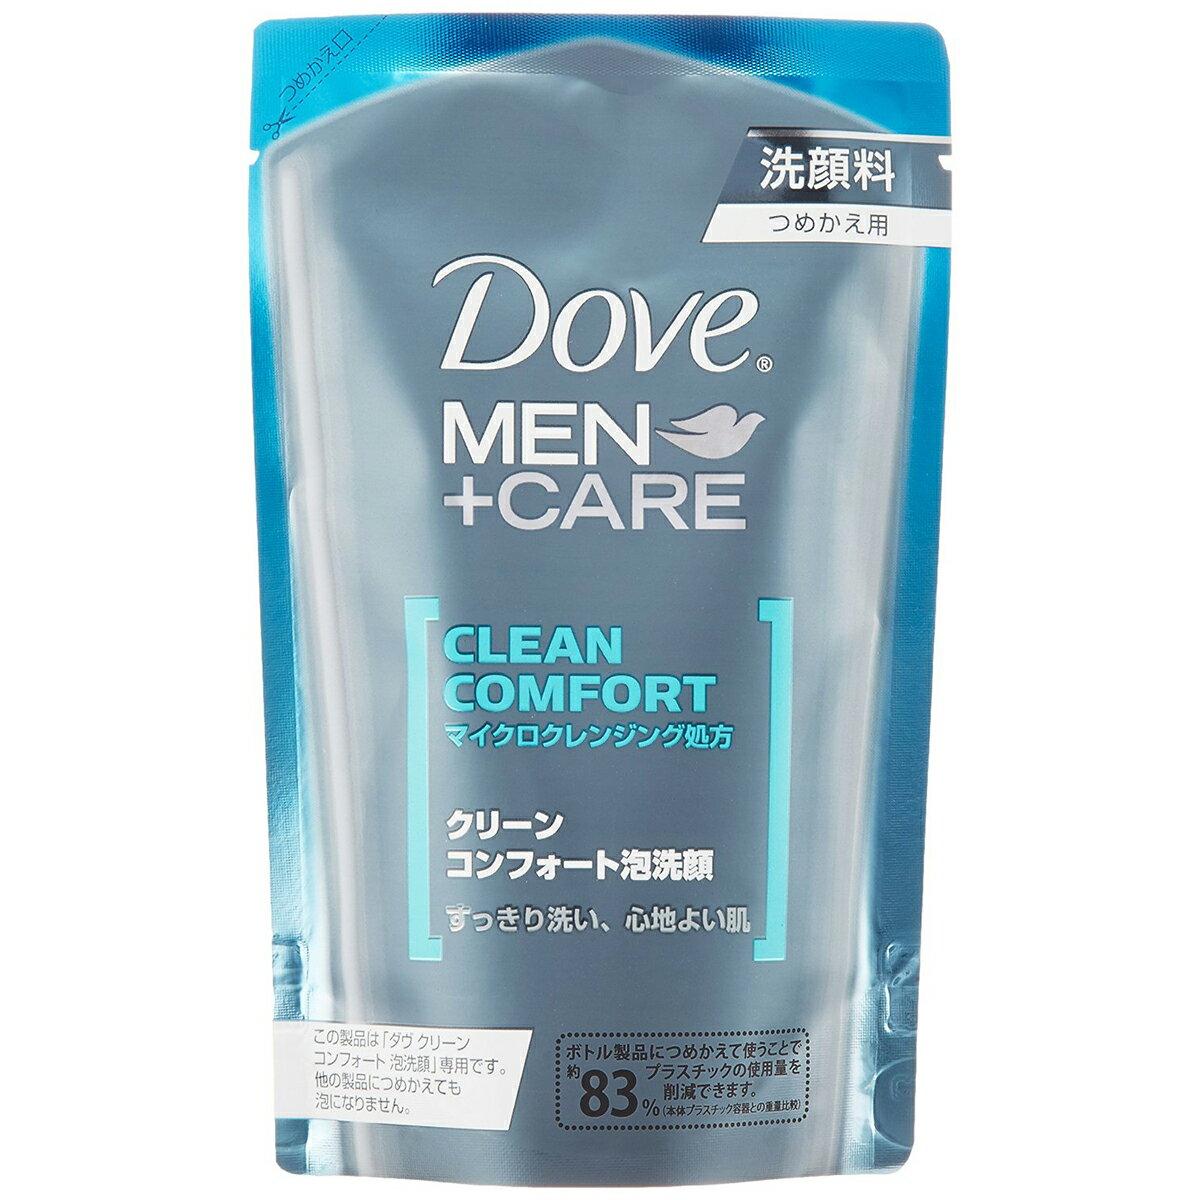 洗顔料, 洗顔フォーム DoveMenCare() 110ml()